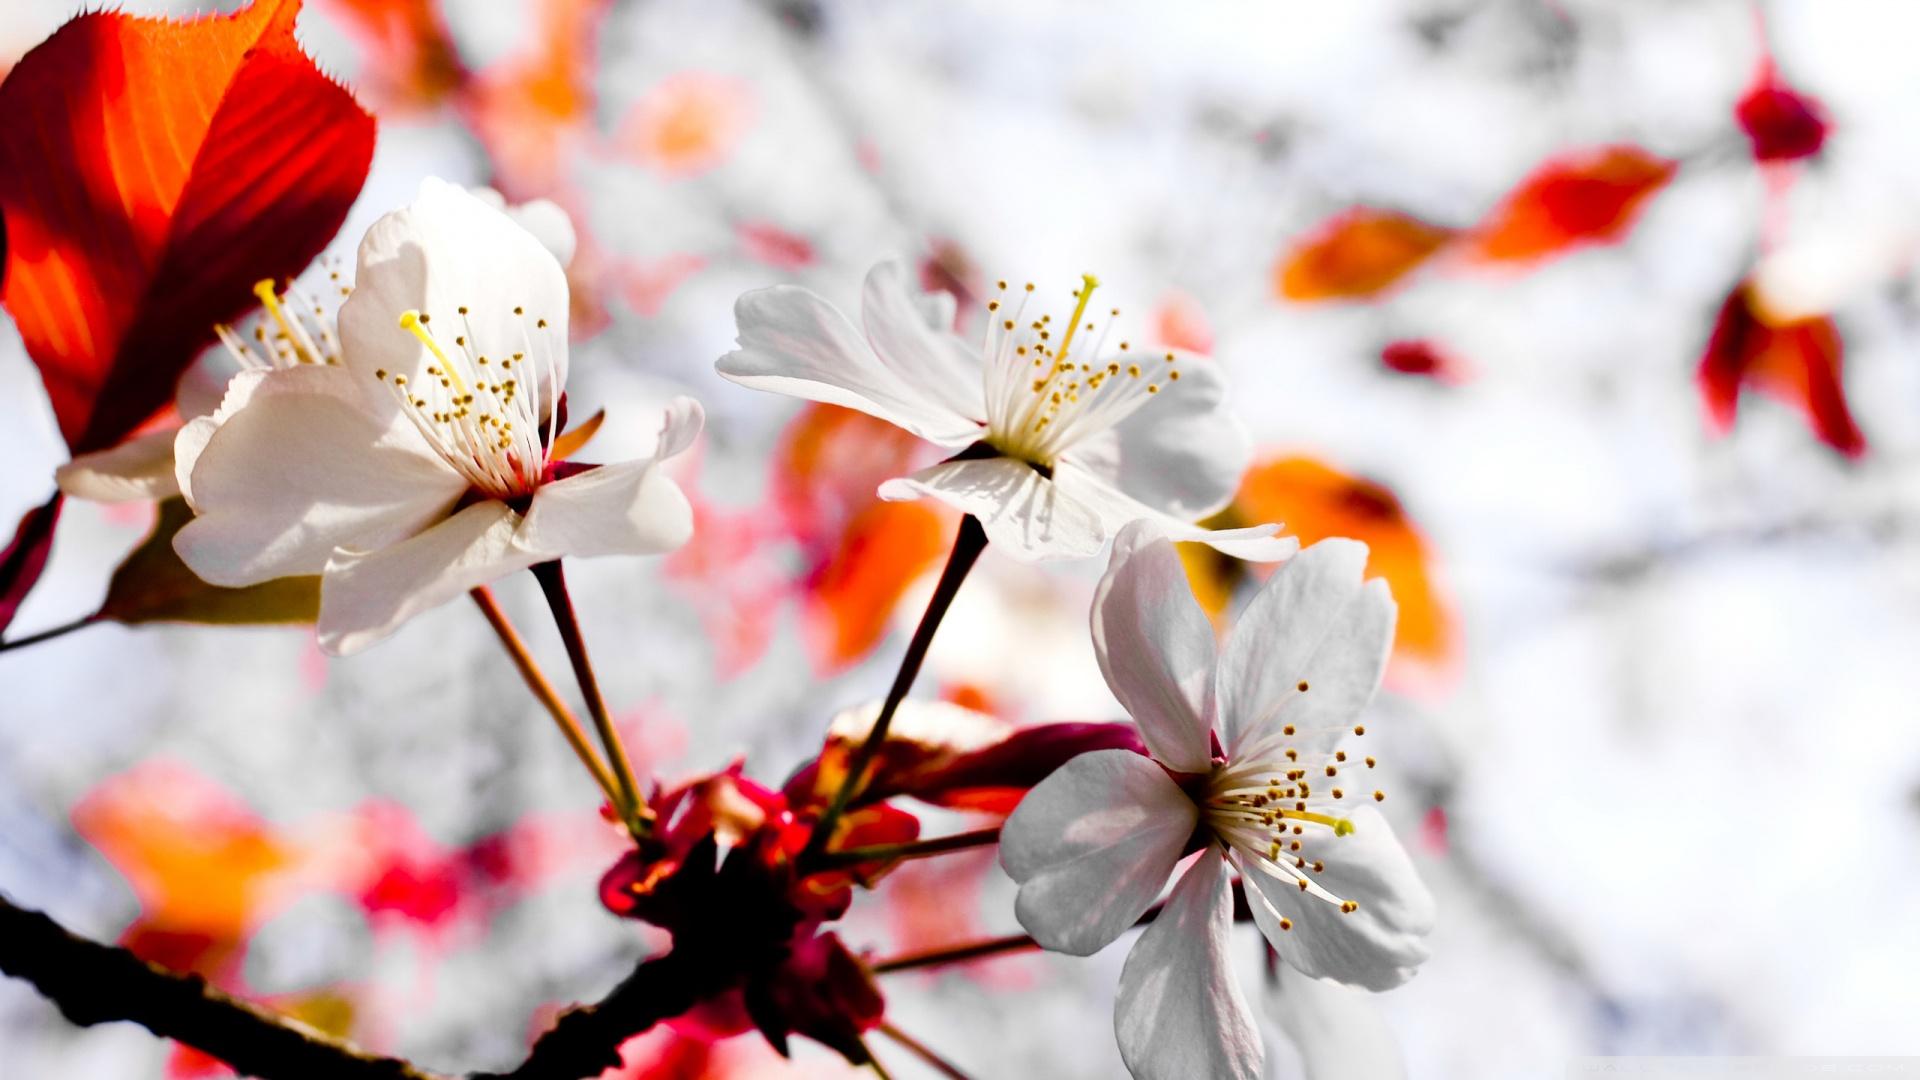 Spring Season Flowers 4K HD Desktop Wallpaper for 4K Ultra HD 1920x1080